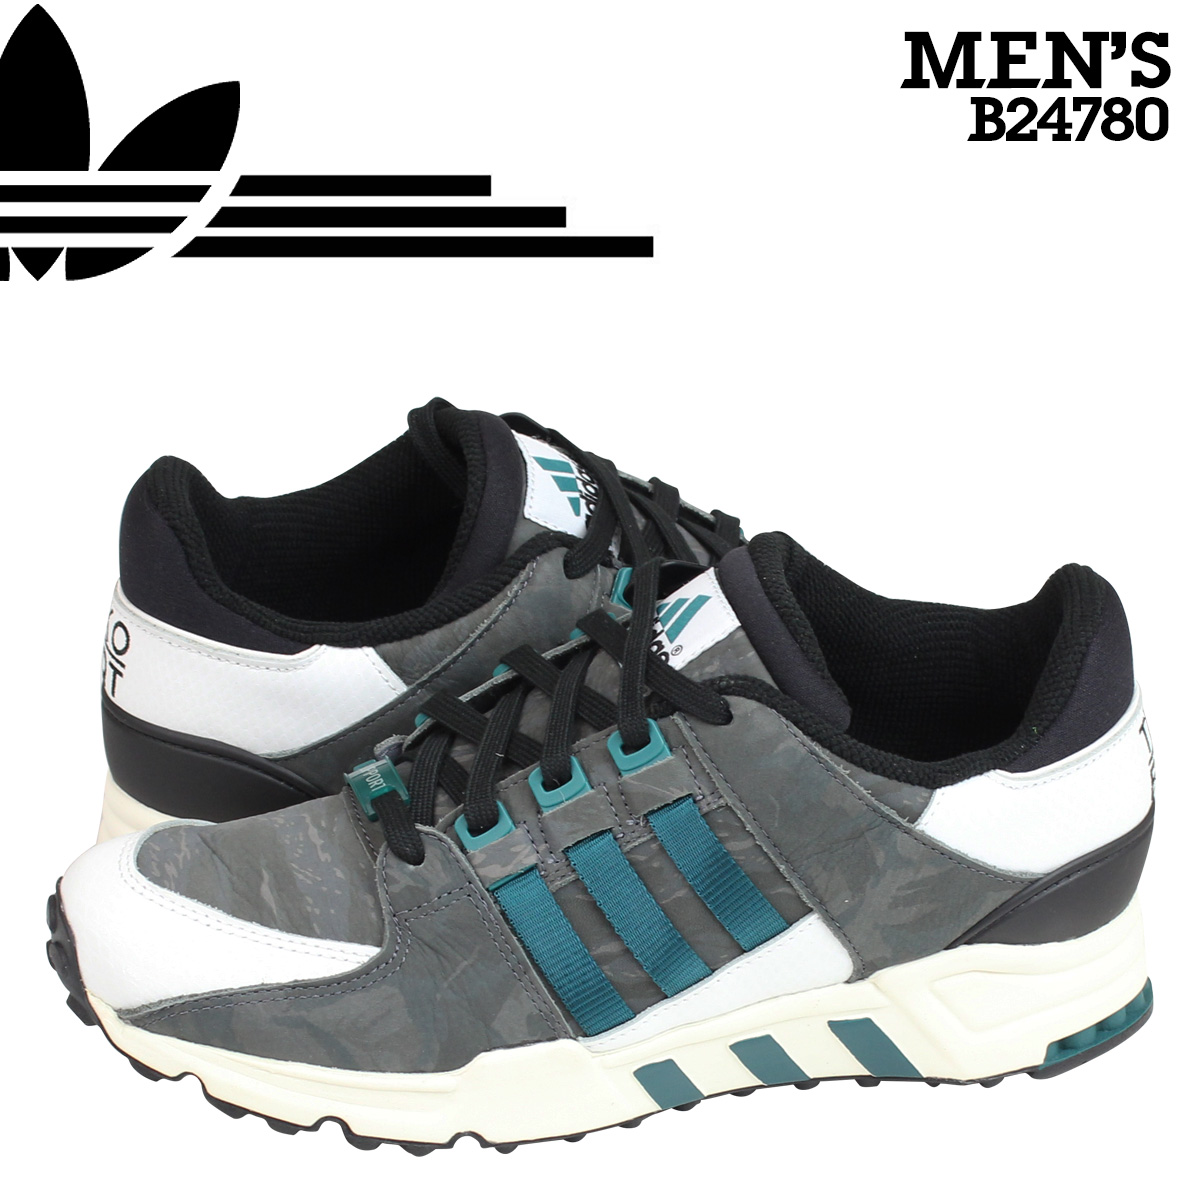 new product b3522 d12a6 adidas Originals adidas originals sneakers EQT RUNNING SUPPORT 93 B24780  men's shoes grey